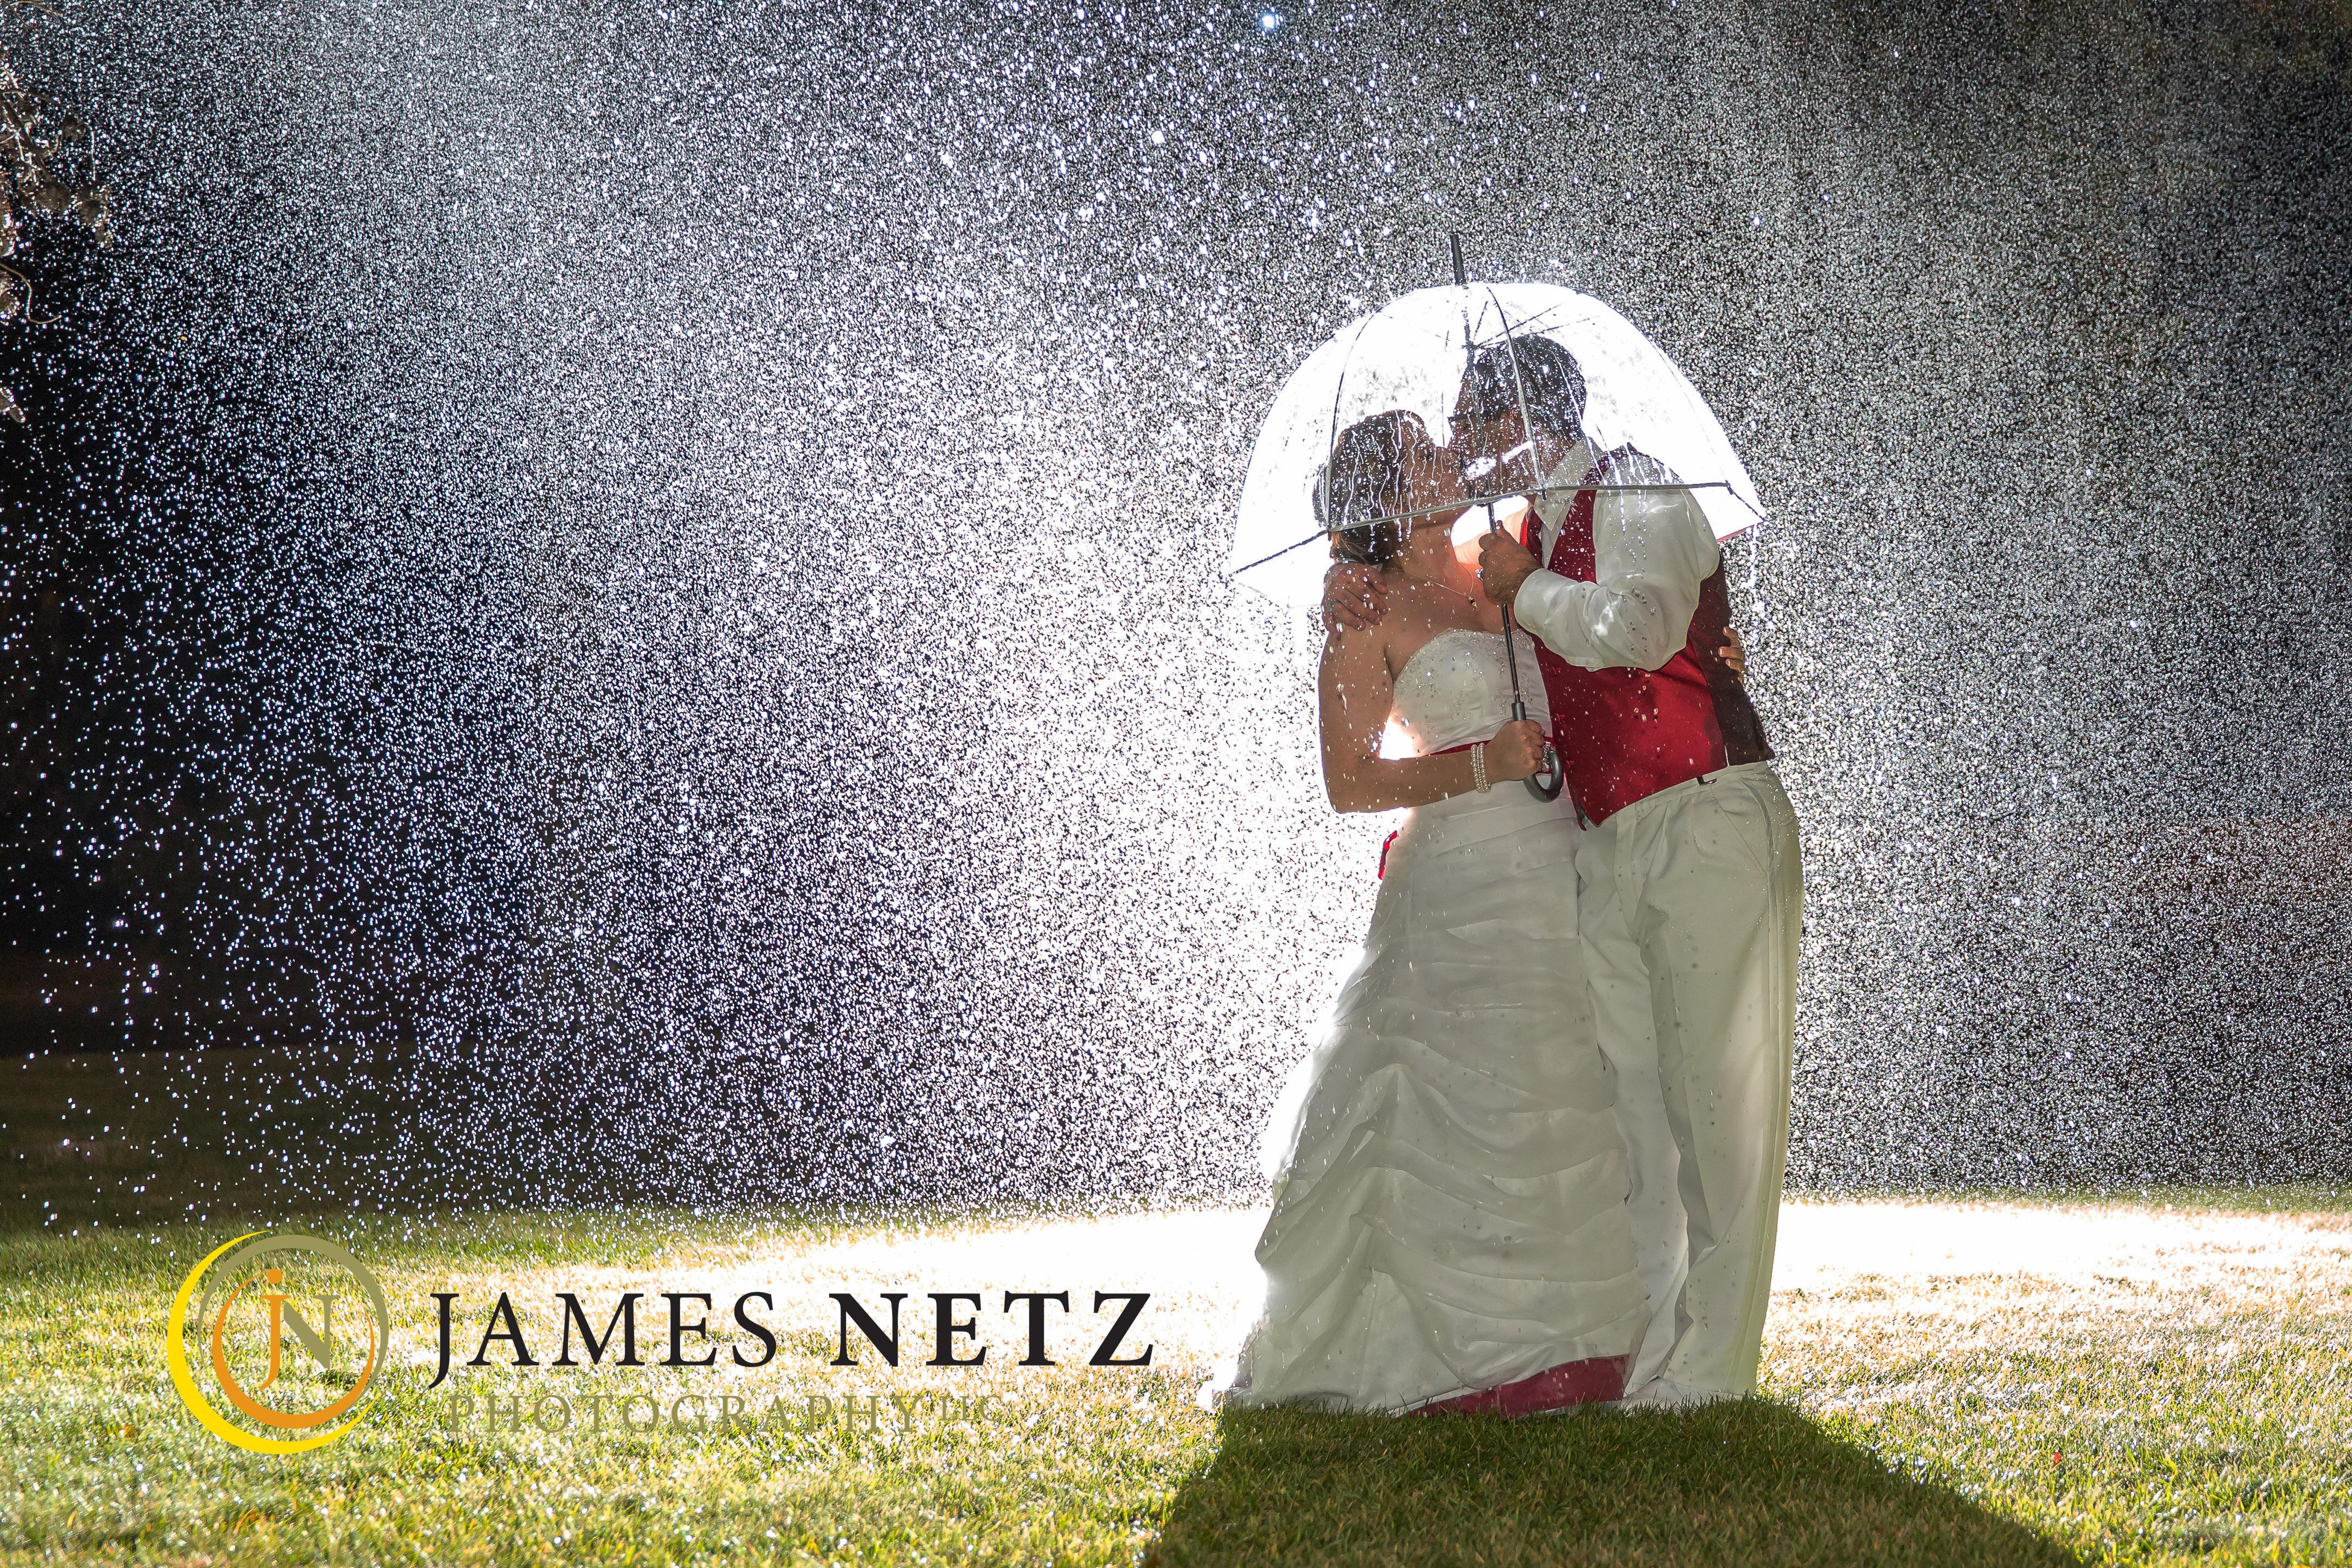 James Netz (c) P-